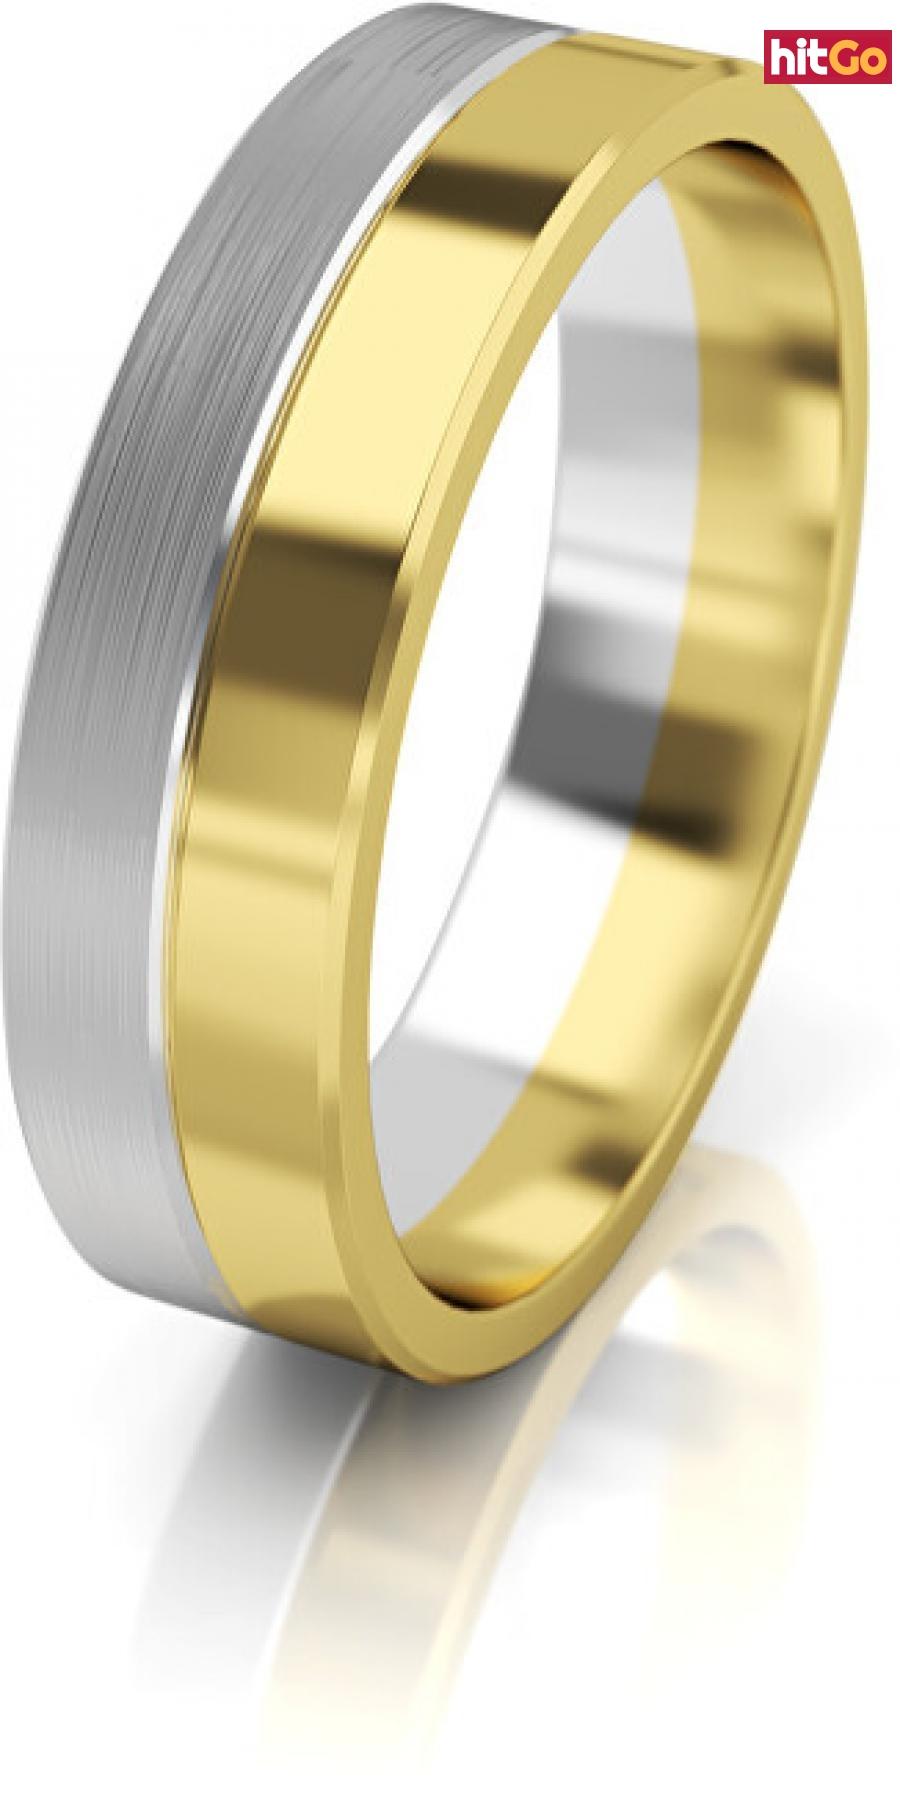 Art Diamond Dámský bicolor snubní prsten ze zlata AUG121 50 mm dámské